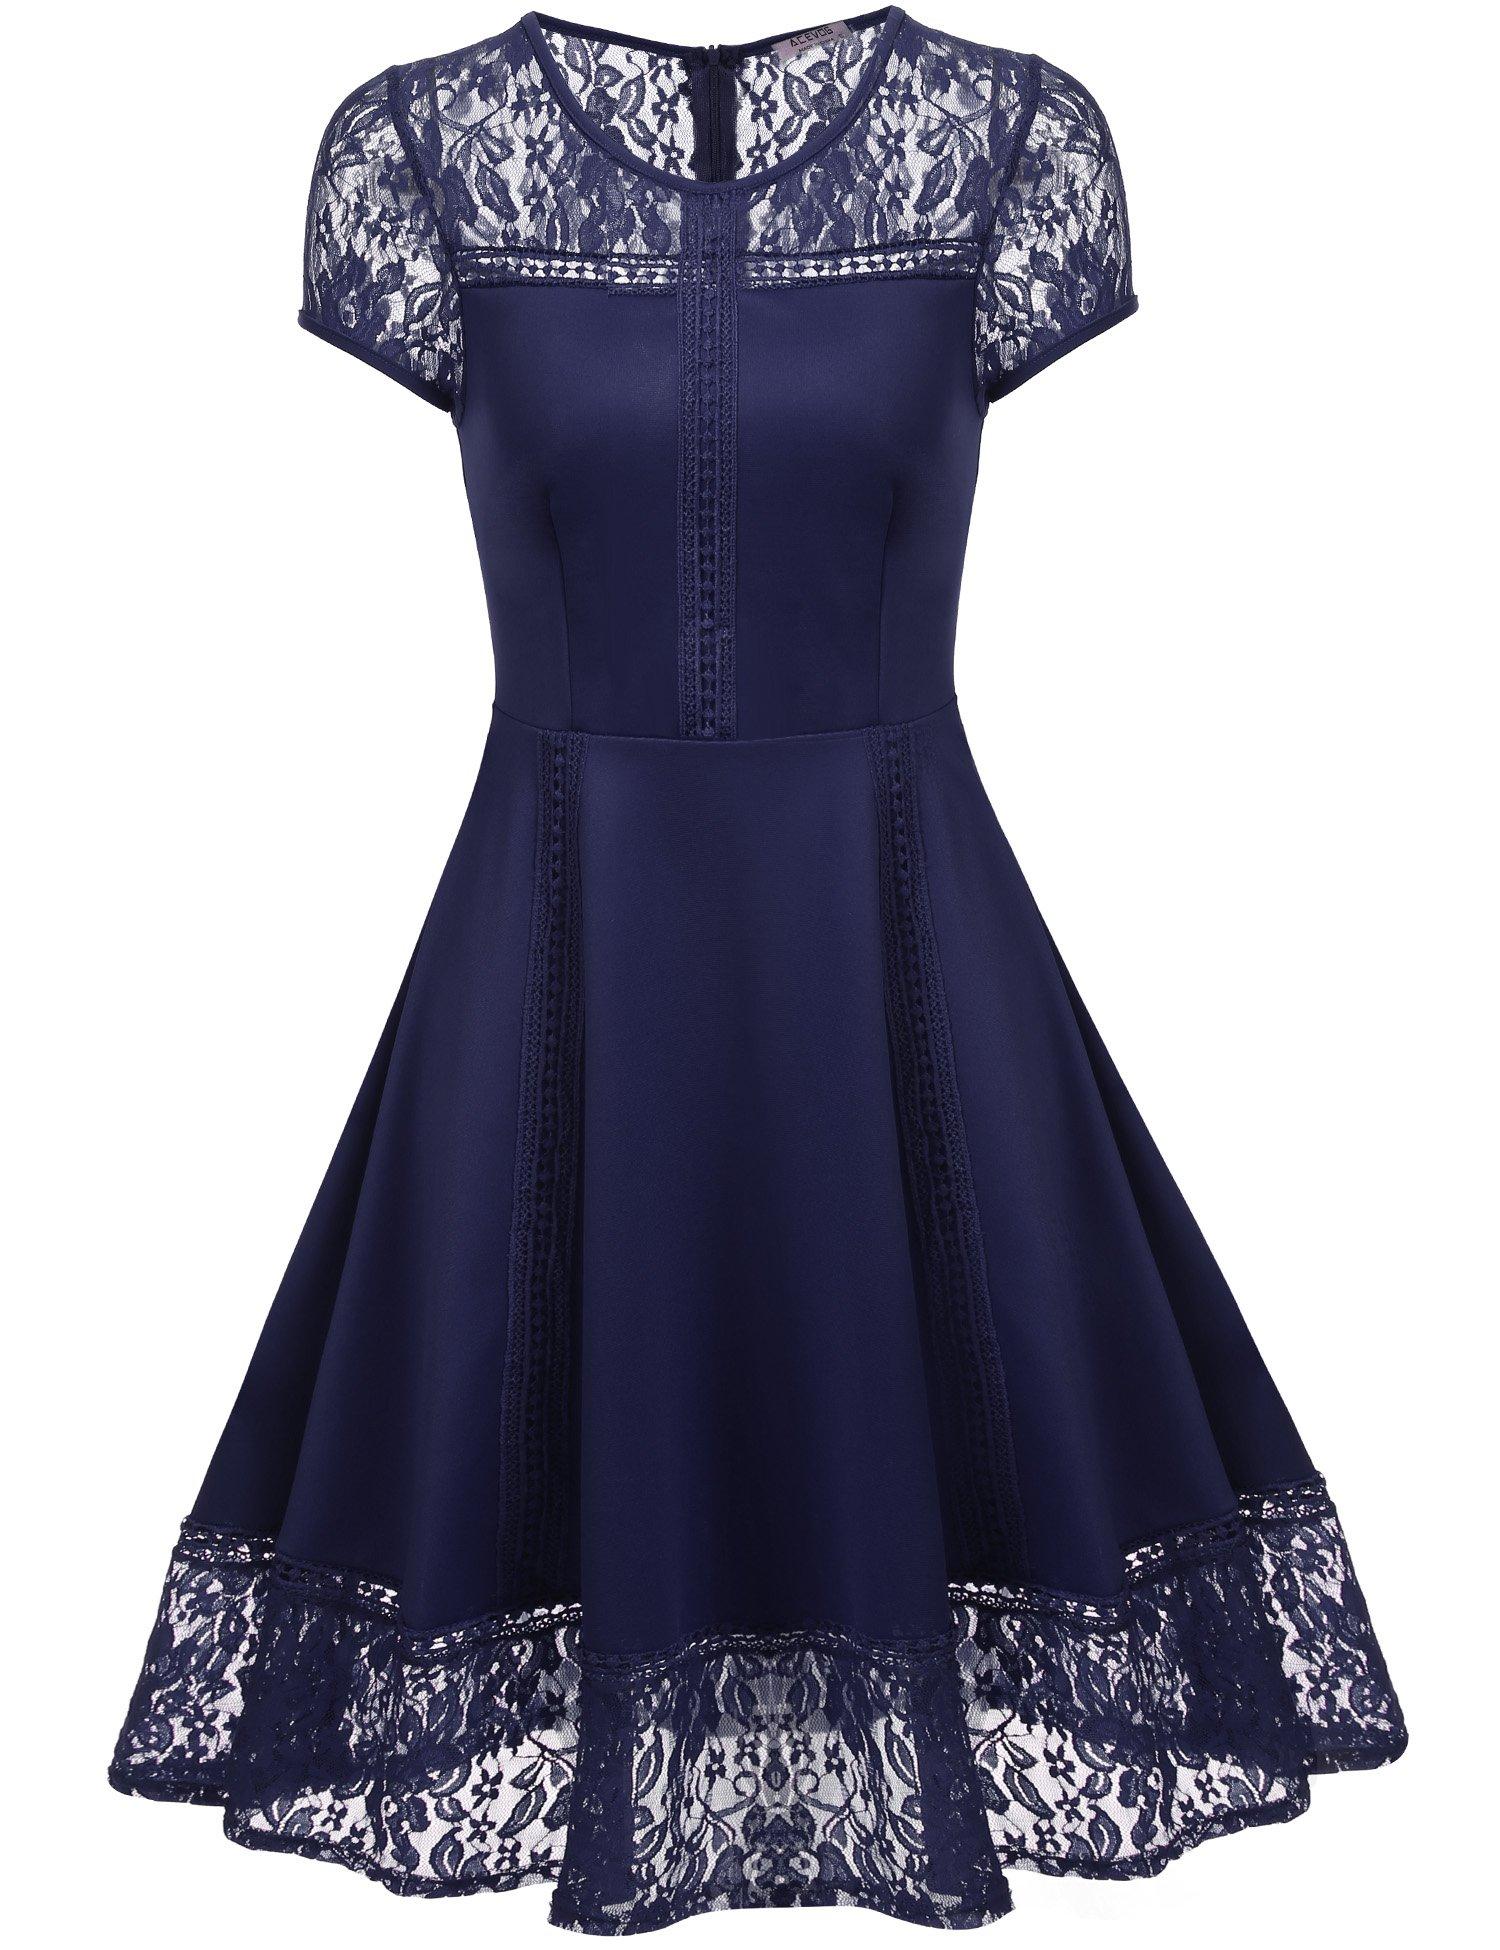 ACEVOG Women's Vintage Retro 1950s Floral Lace Cap Sleeve Elegant Cocktail Swing Dress Navy Blue X-Large